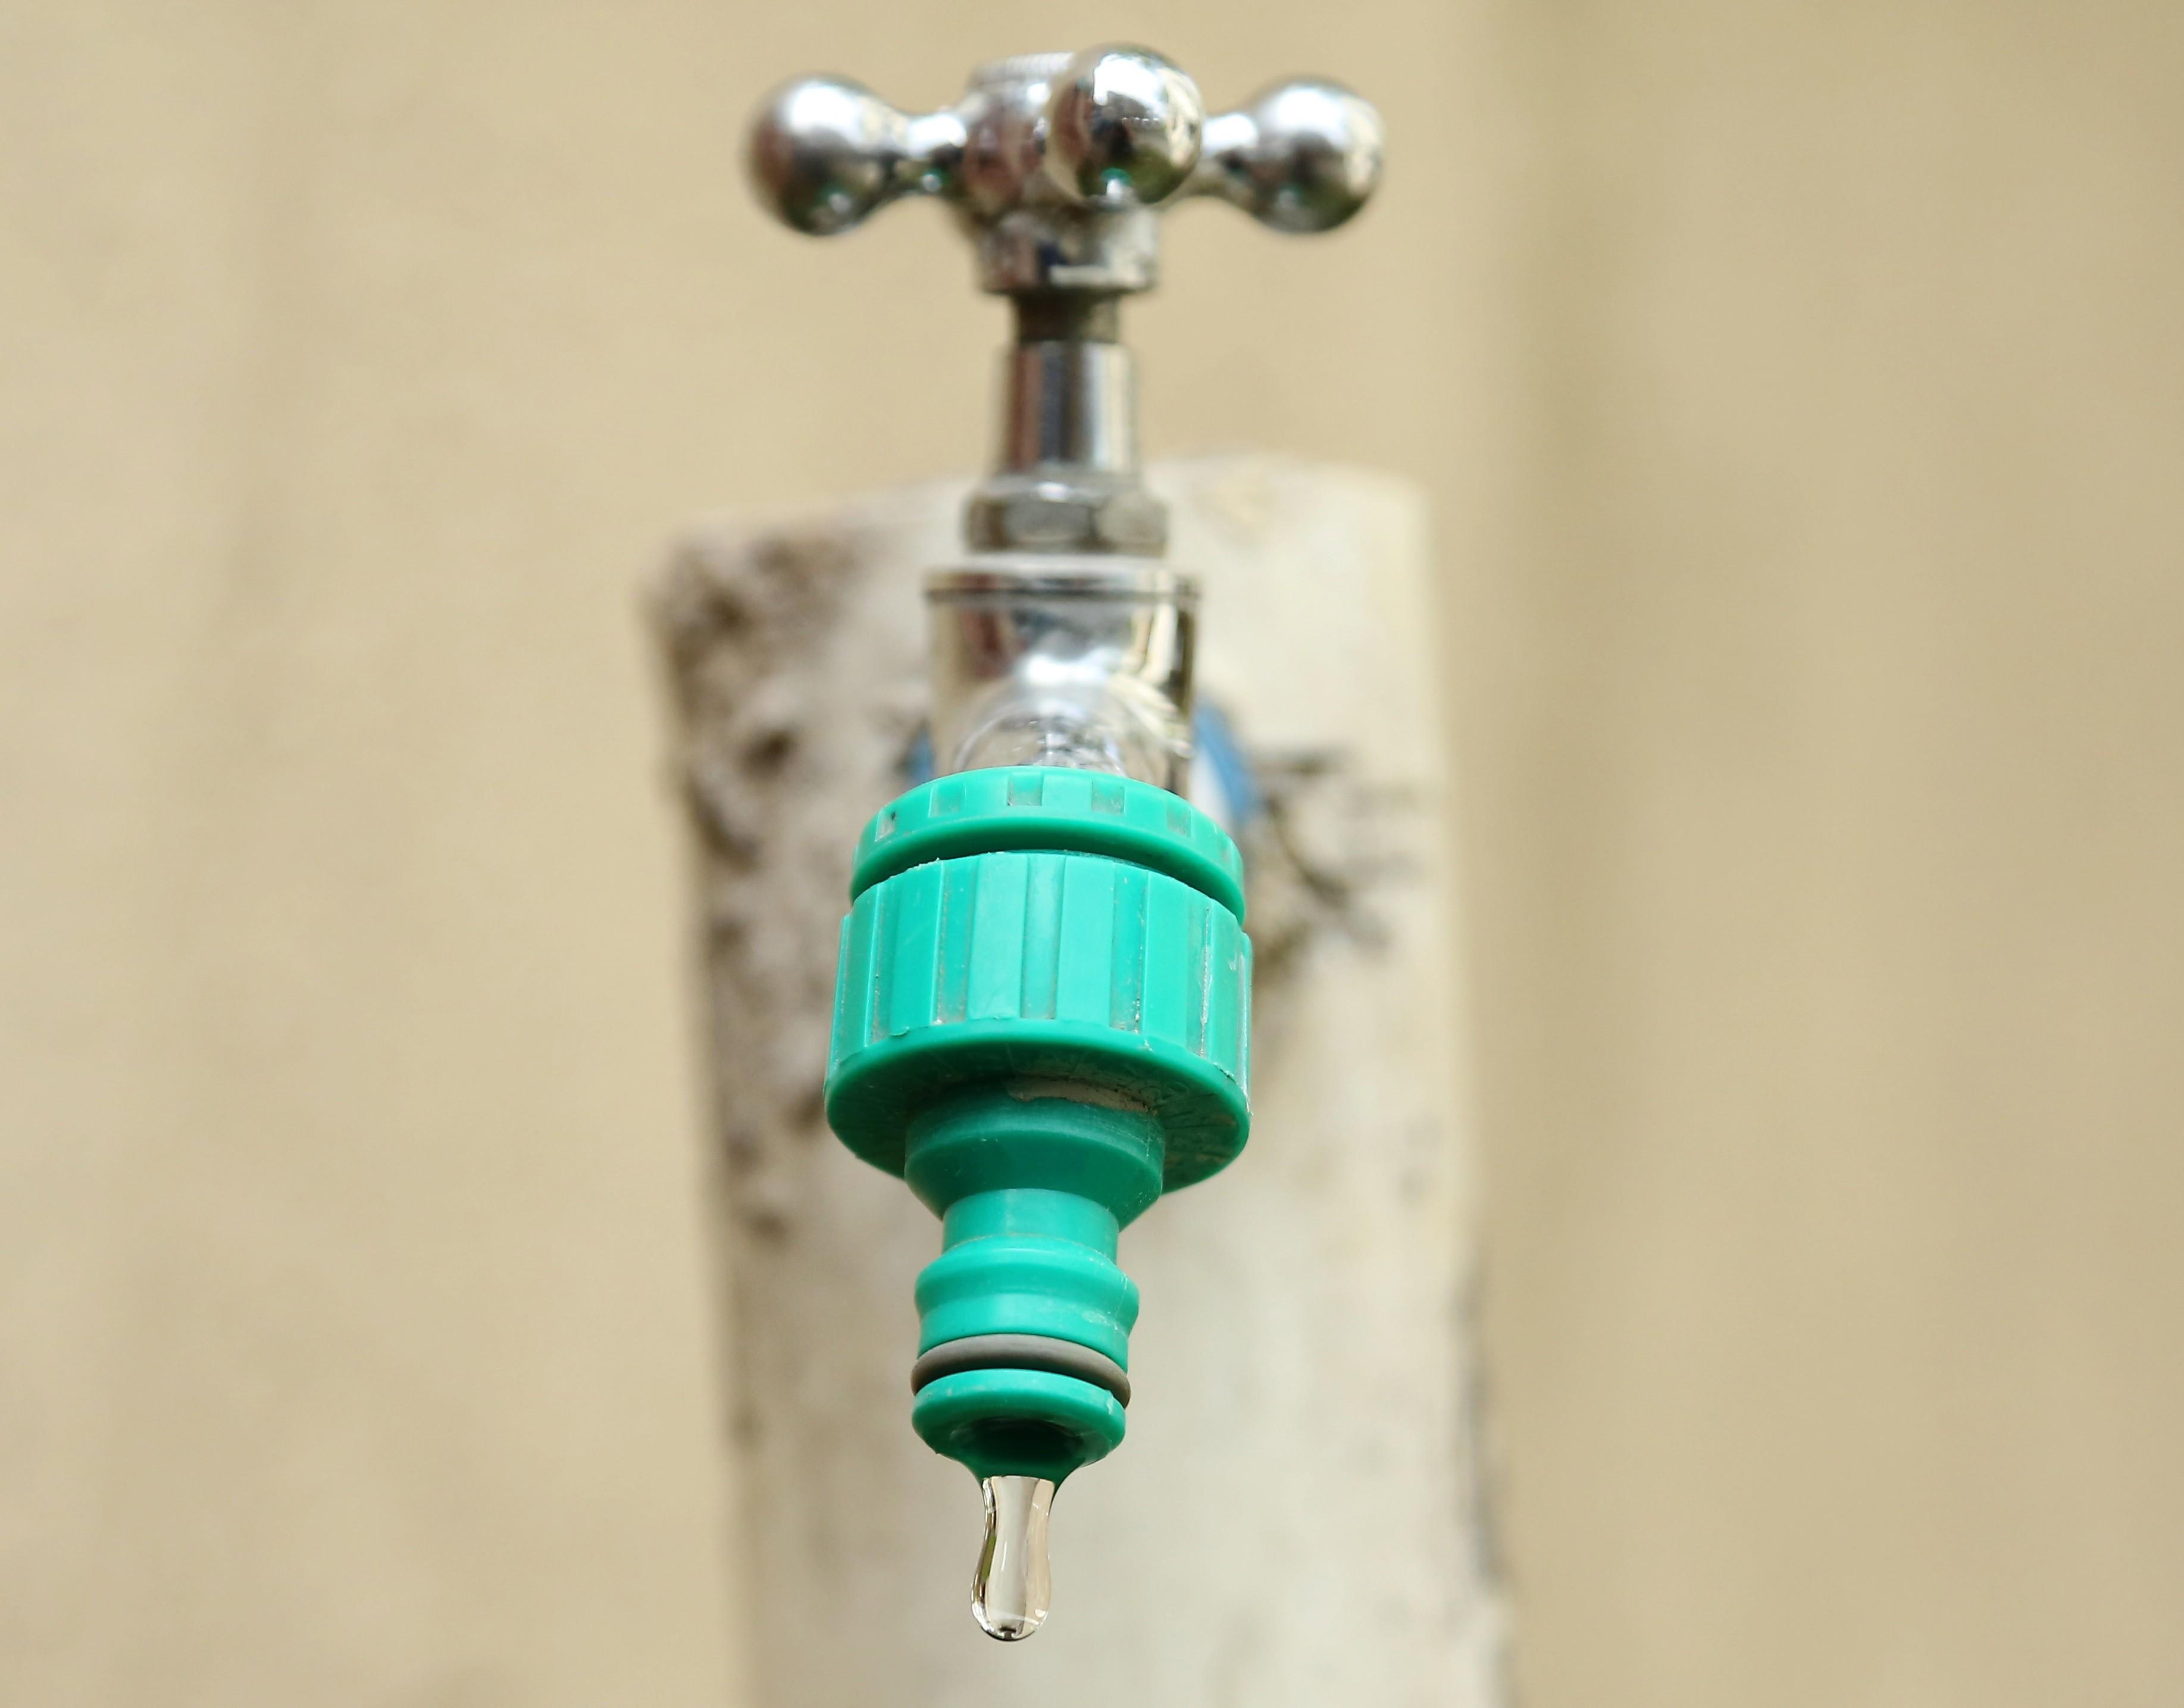 Abastecimento de água será interrompido nesta terça-feira, 11, na Nova República e Matinha